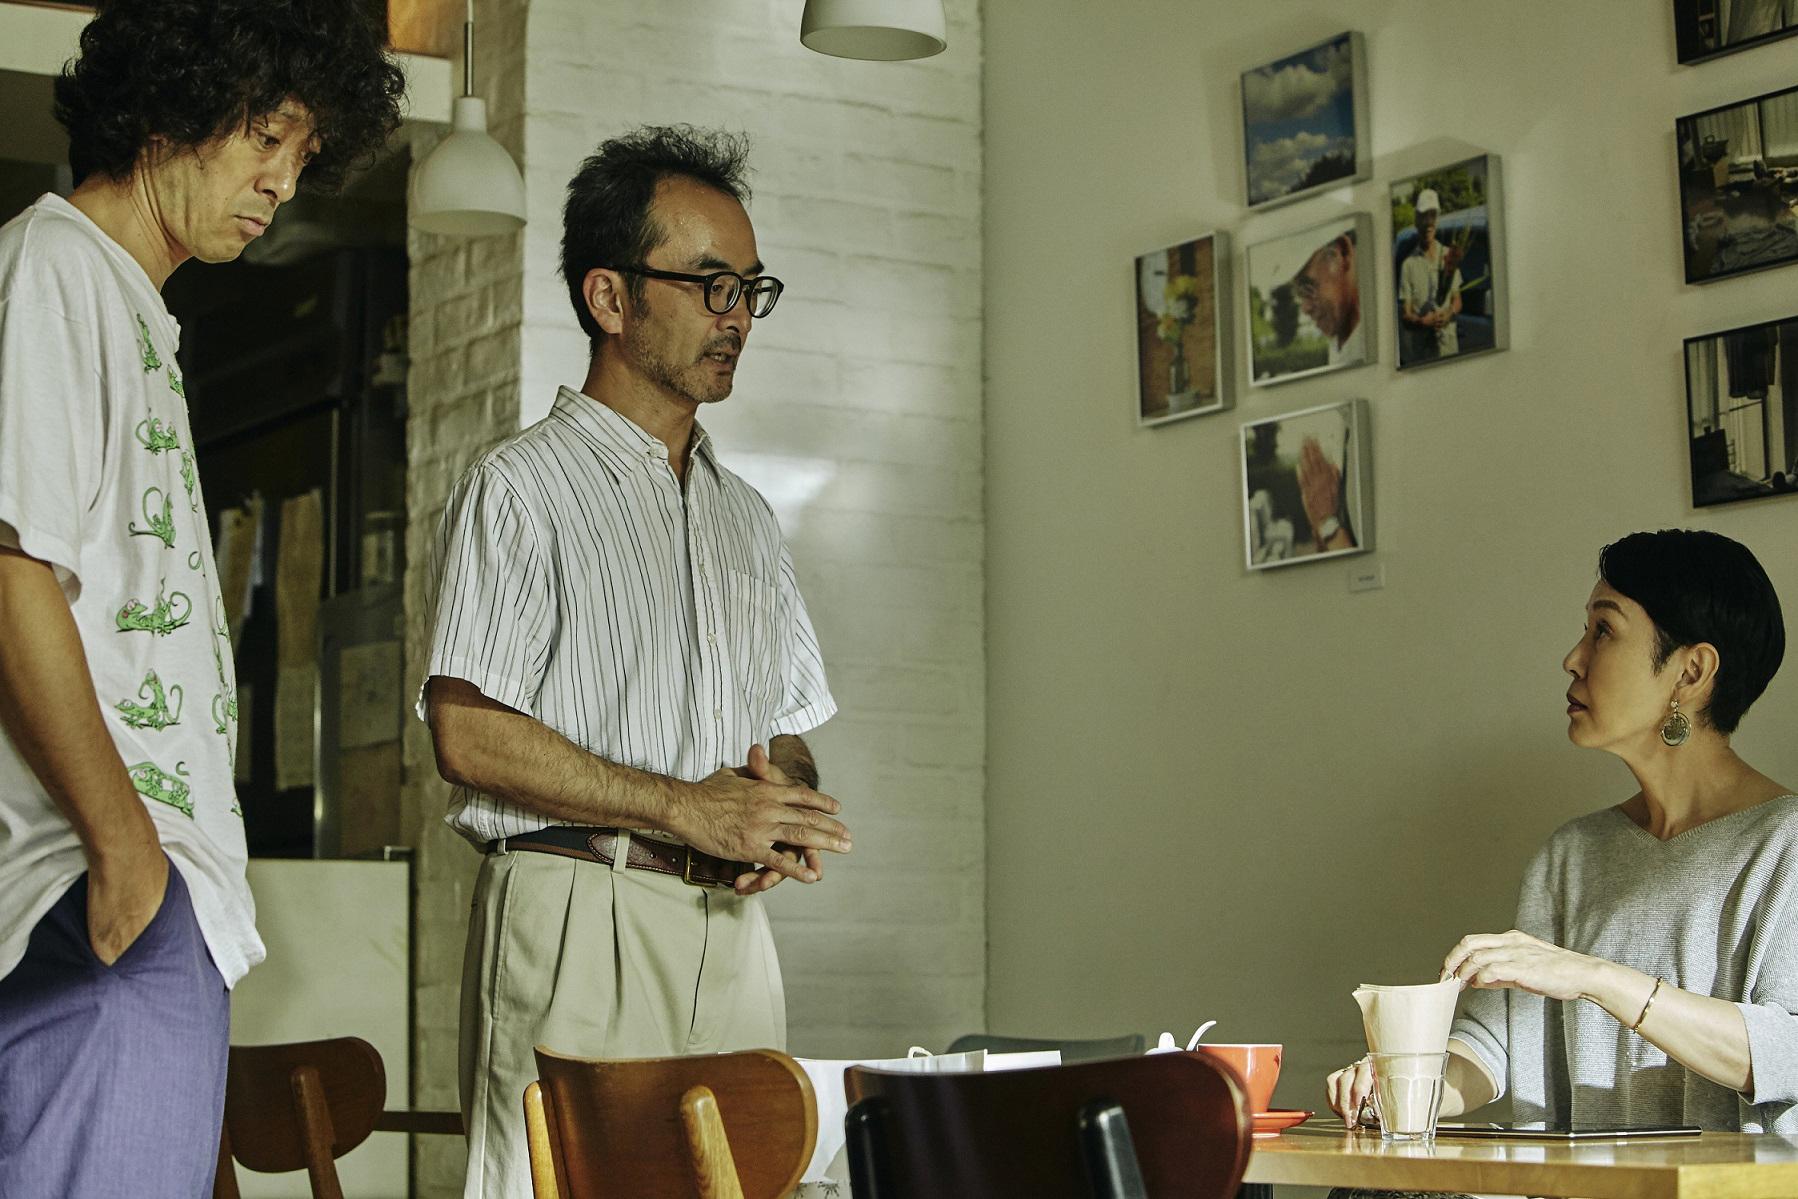 ドラマ24『コタキ兄弟と四苦八苦』|主演:古舘寛治、滝藤賢一